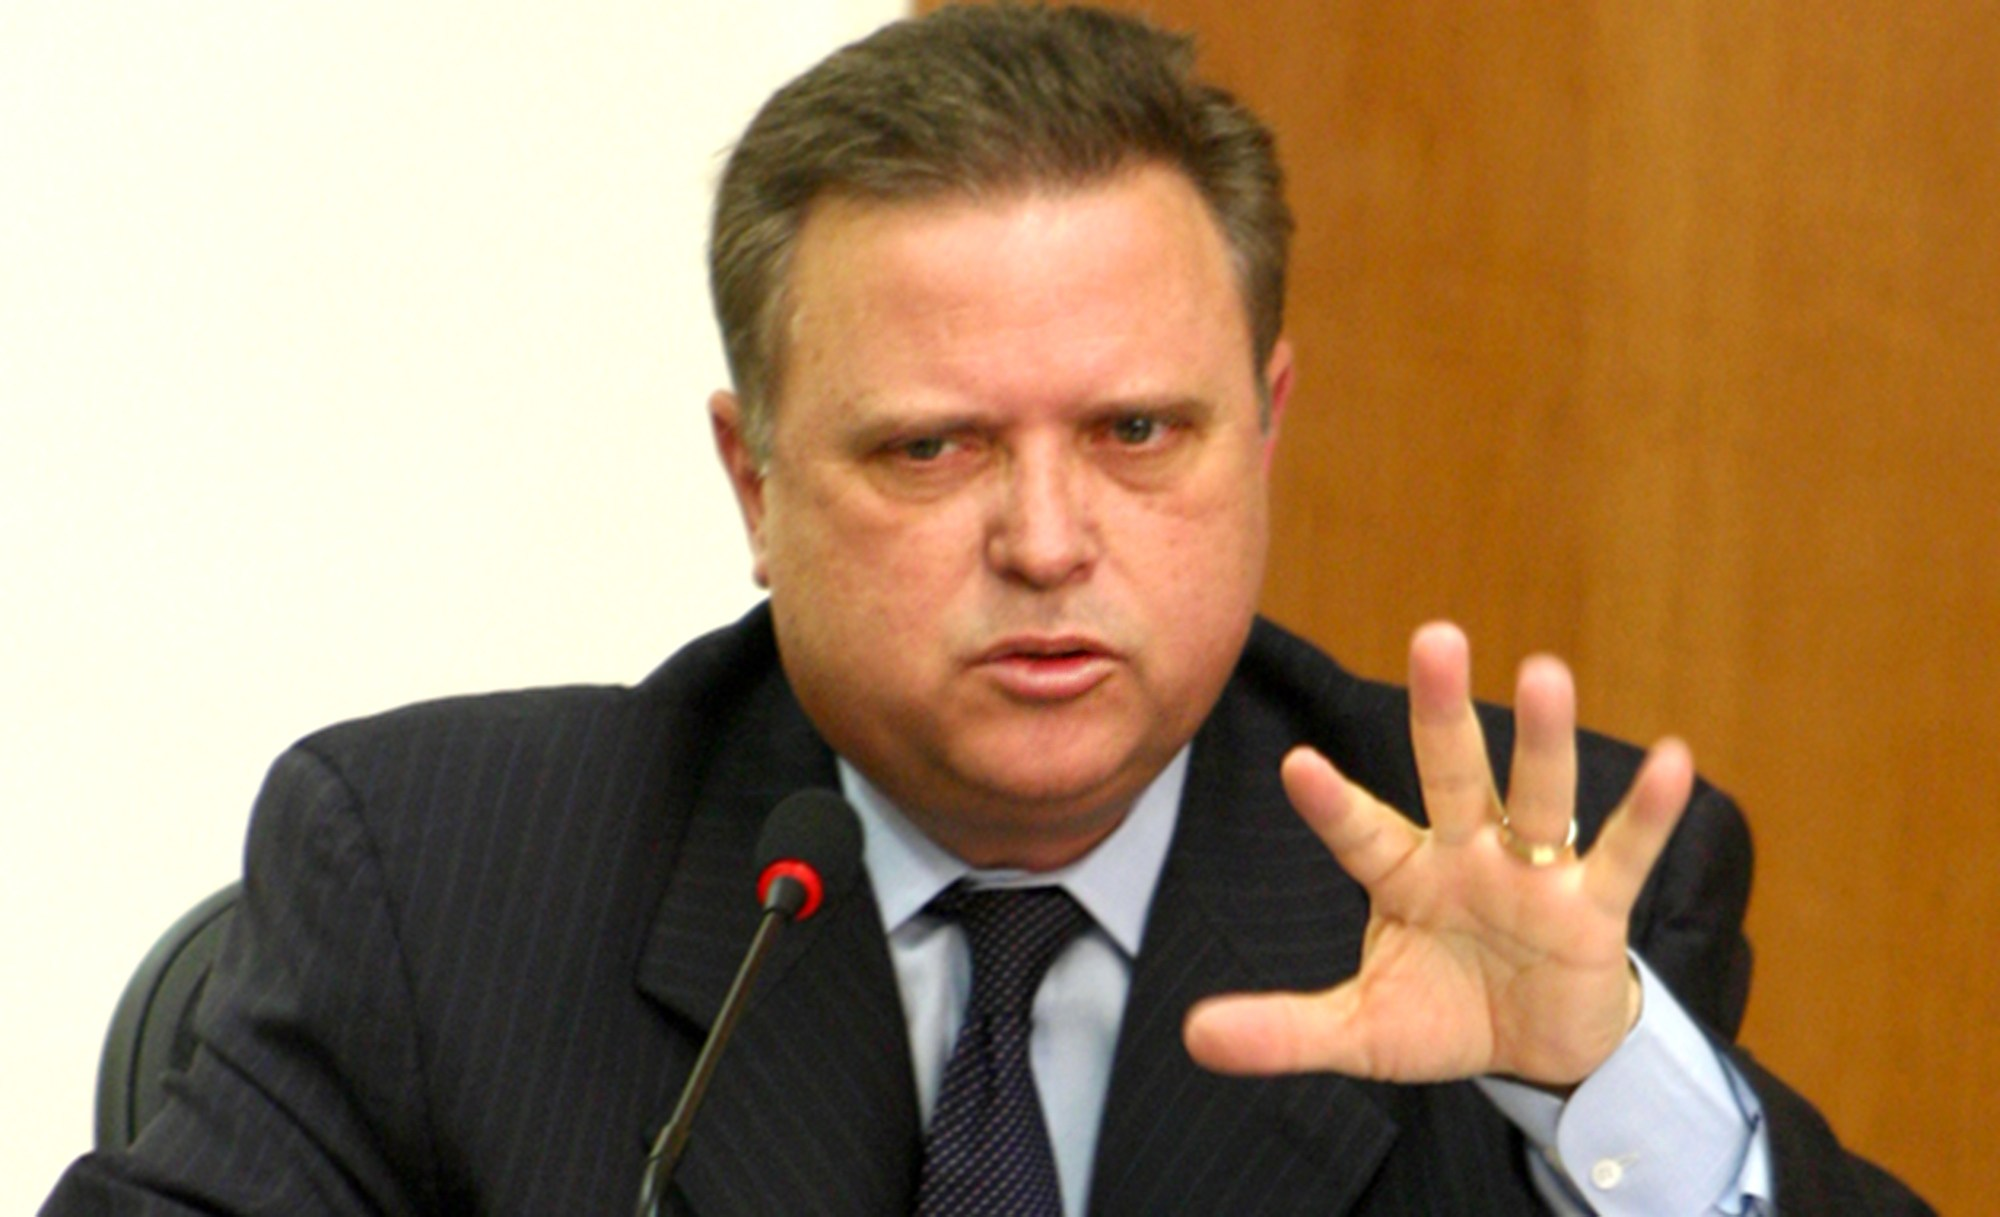 Blairo Maggi se despede da política e deve permanecer no Mapa